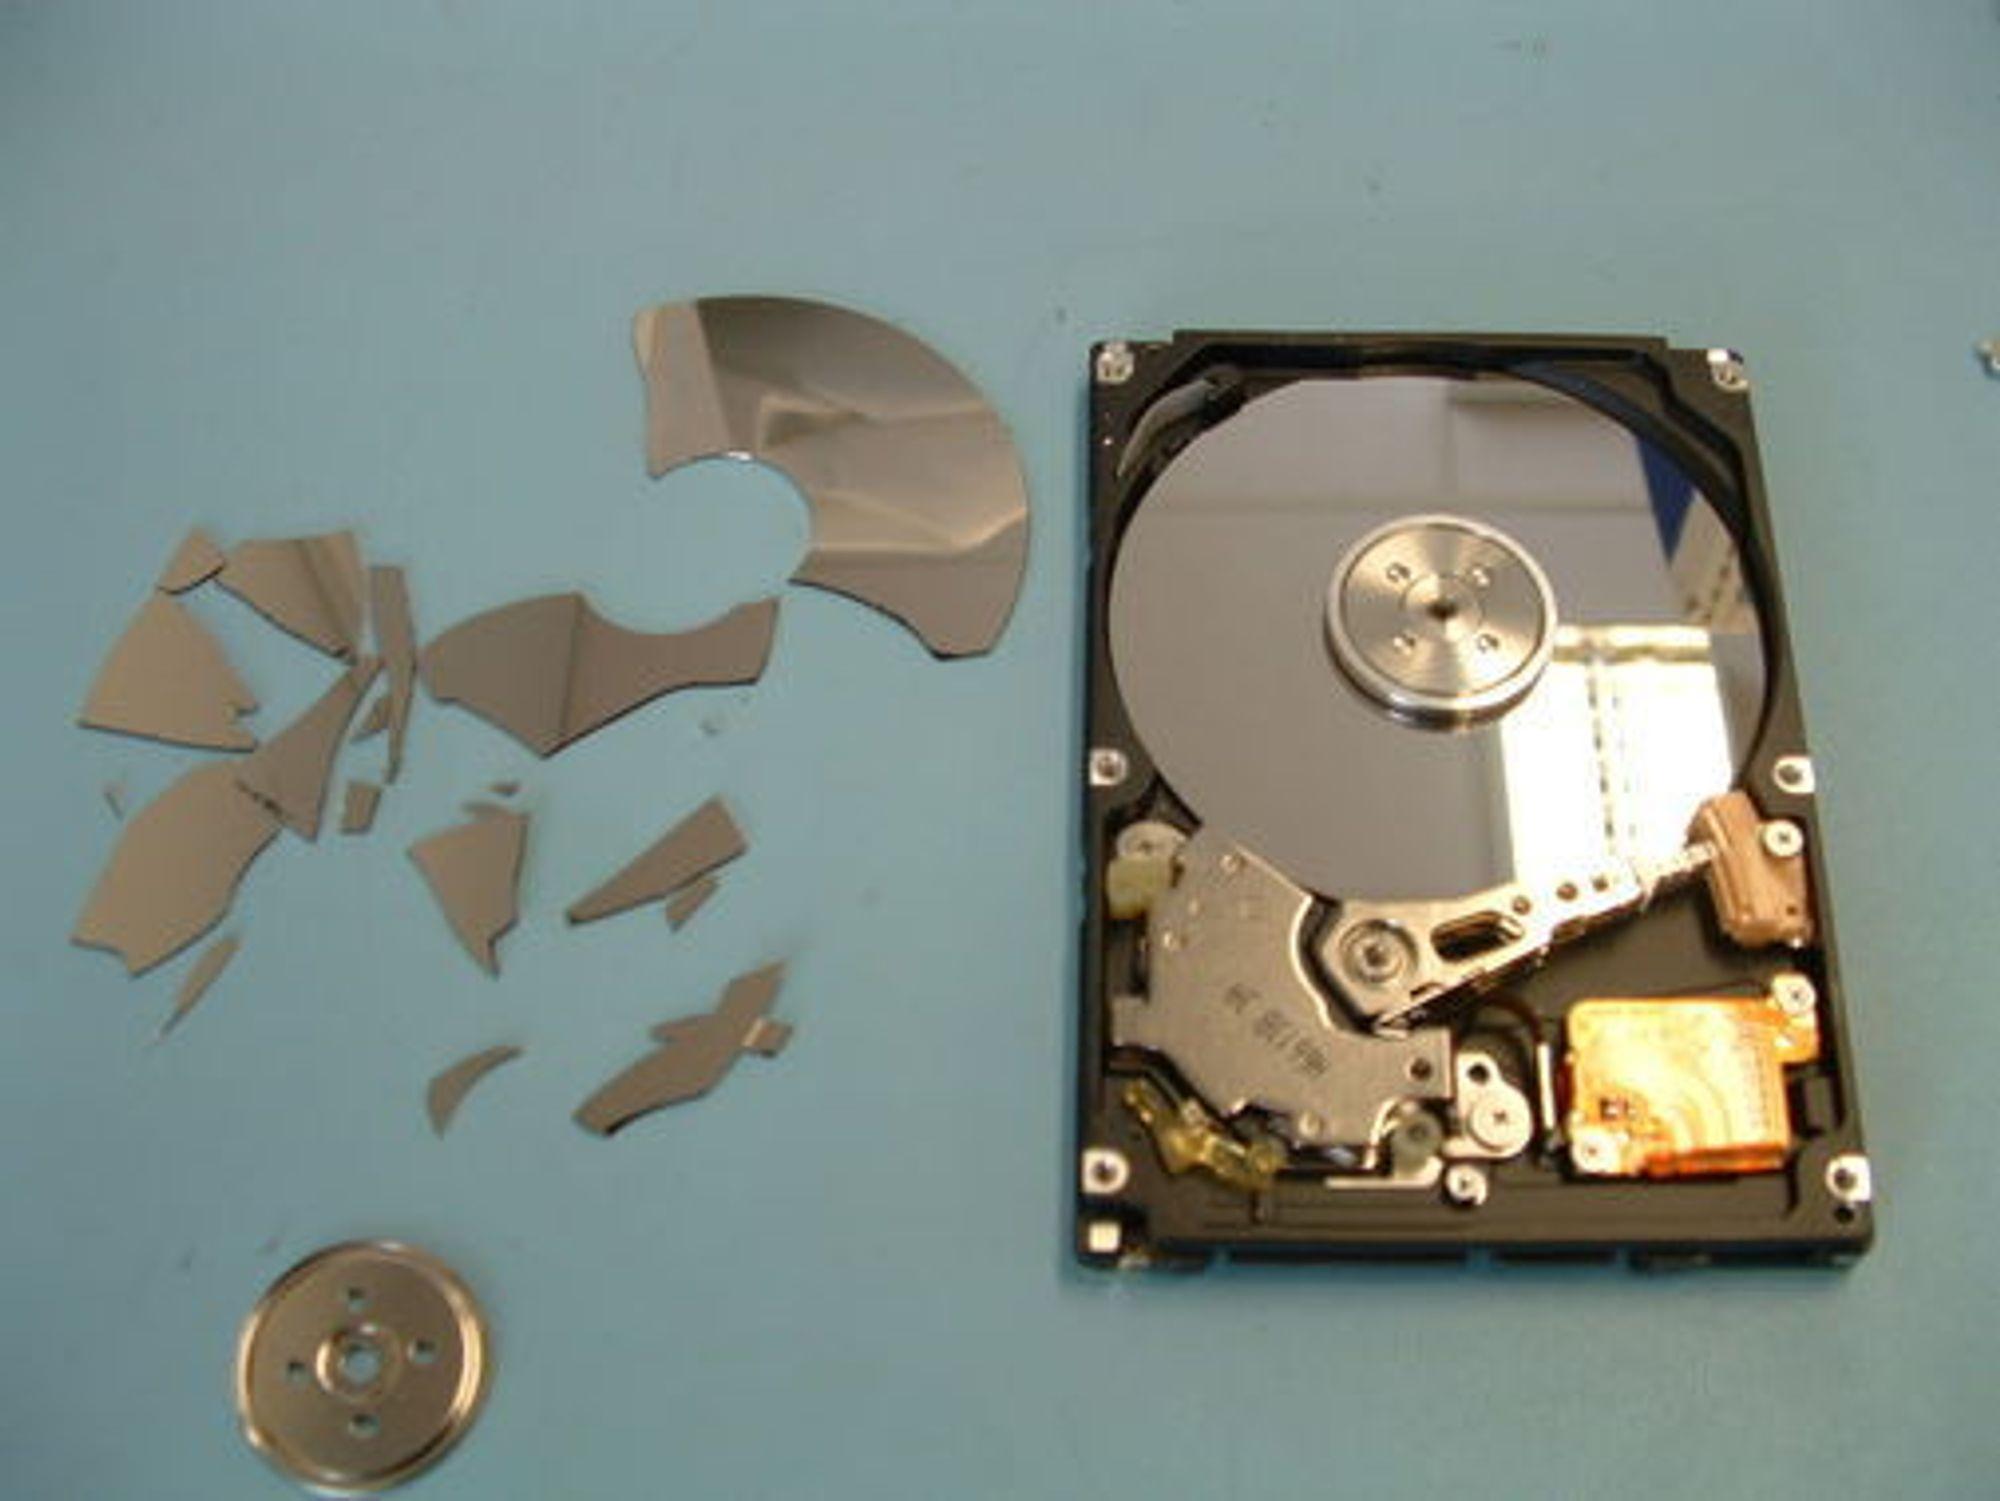 Økokrim fikk rekonstruerte data fra denne harddisken, som gikk i tusen knas etter en 12 etasjers flyvetur.